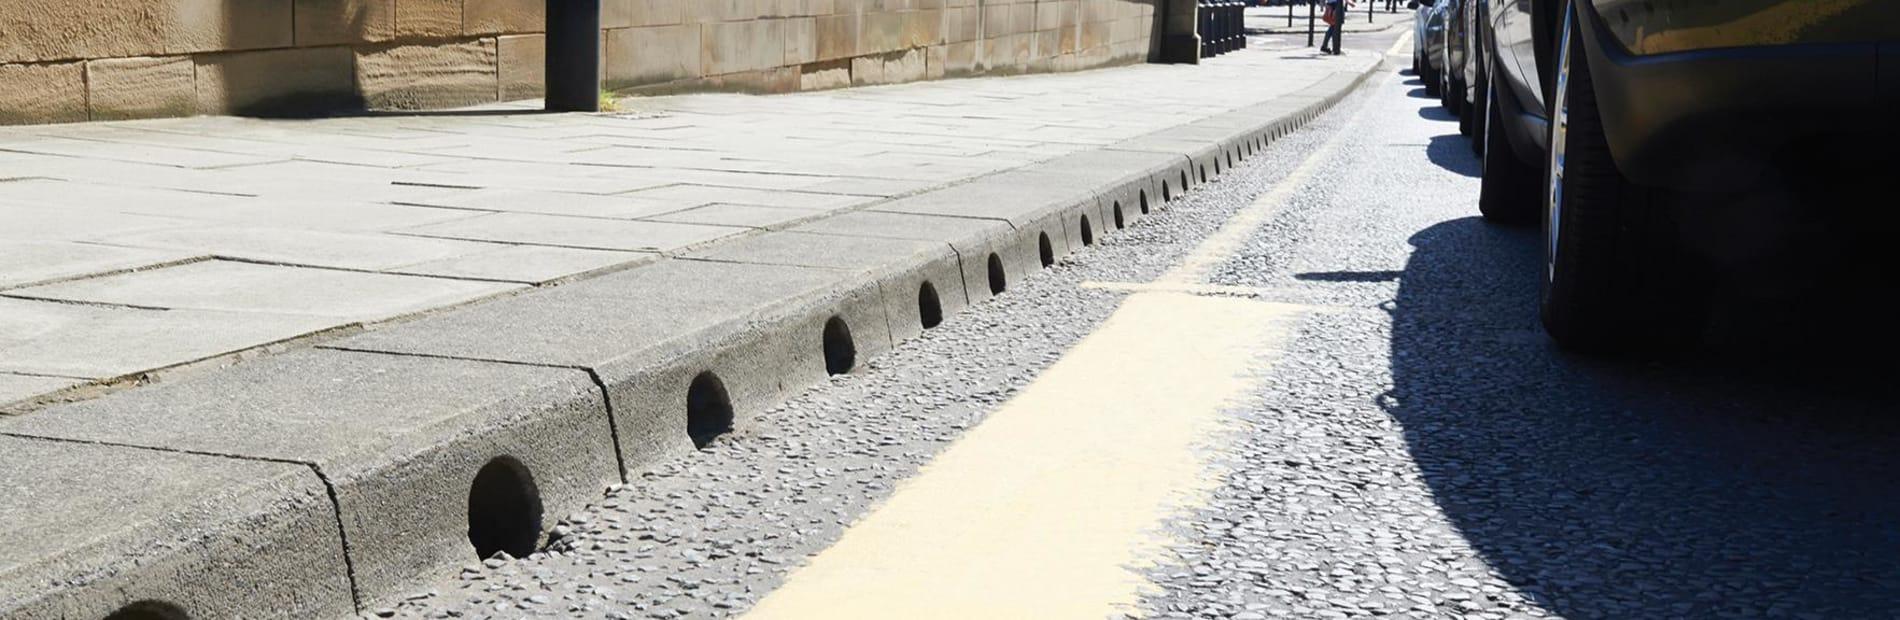 Beany block drainage system   Marshalls